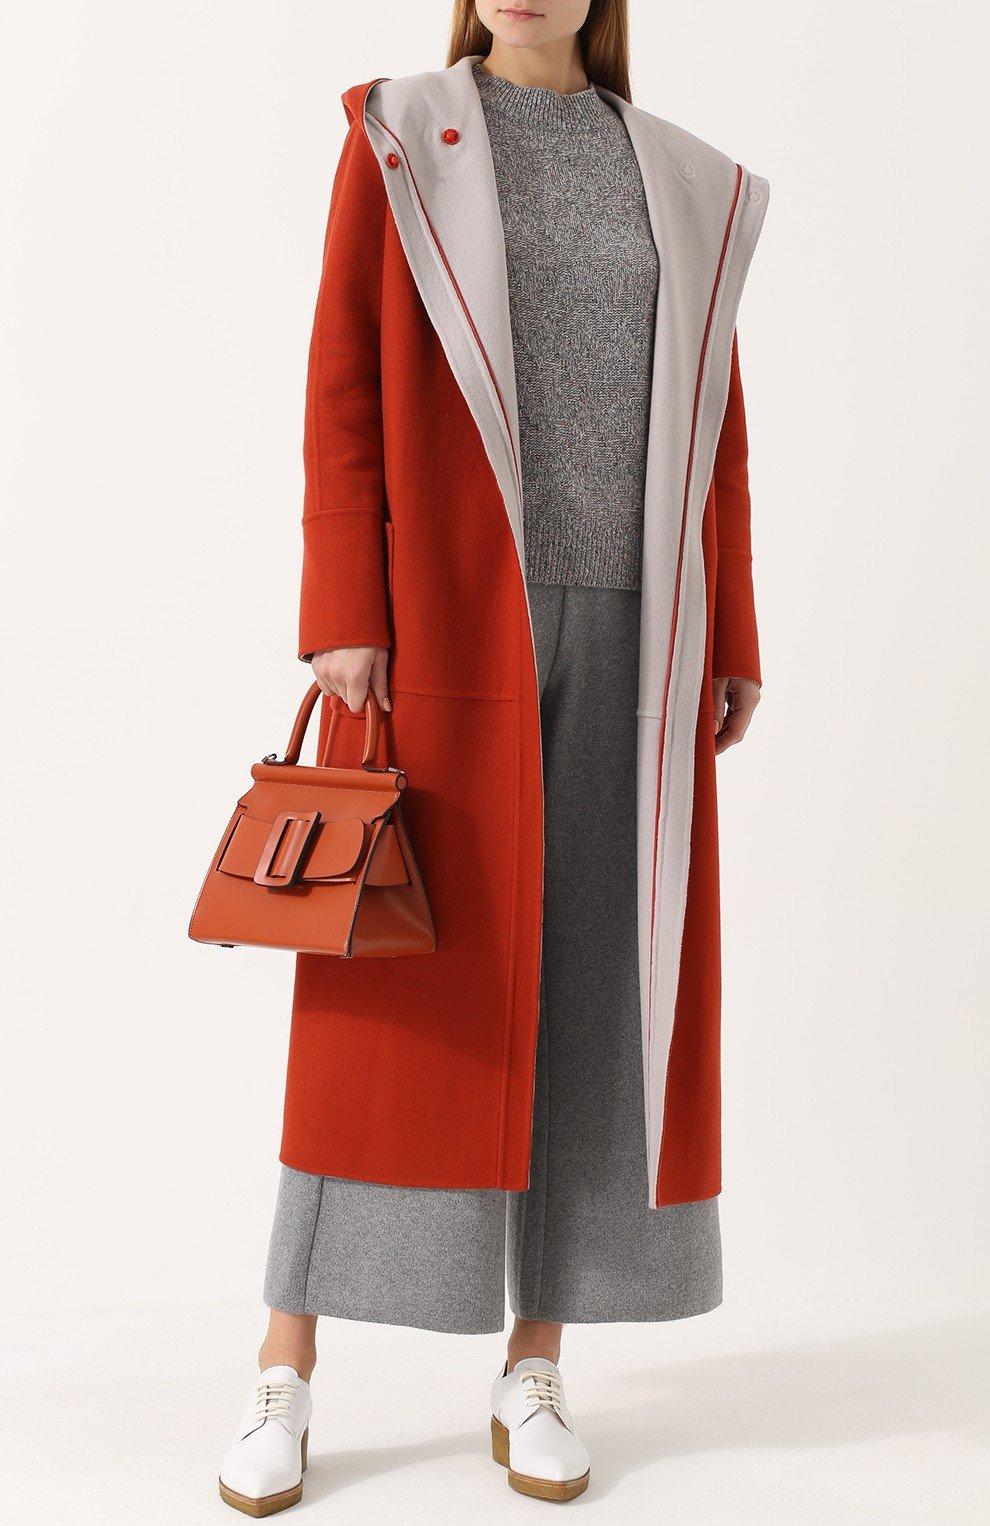 модные образы весна 2019: красное пальто и длинное серое платье